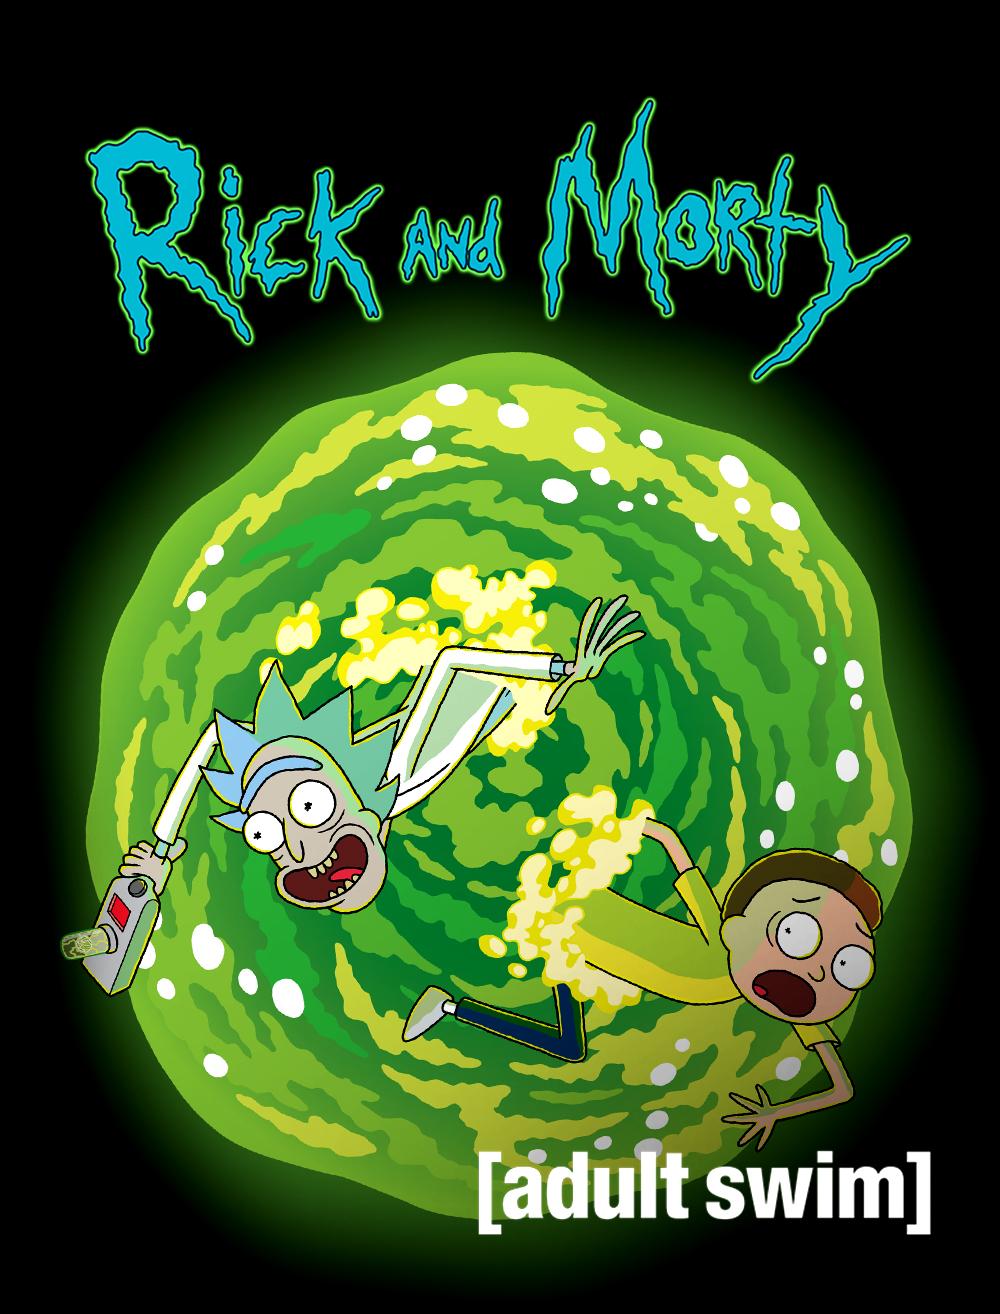 Rick Et Morty Saison 4 Episode 1 Vostfr : morty, saison, episode, vostfr, Morty, Saison, Streaming, VOSTFR, Molotov.tv